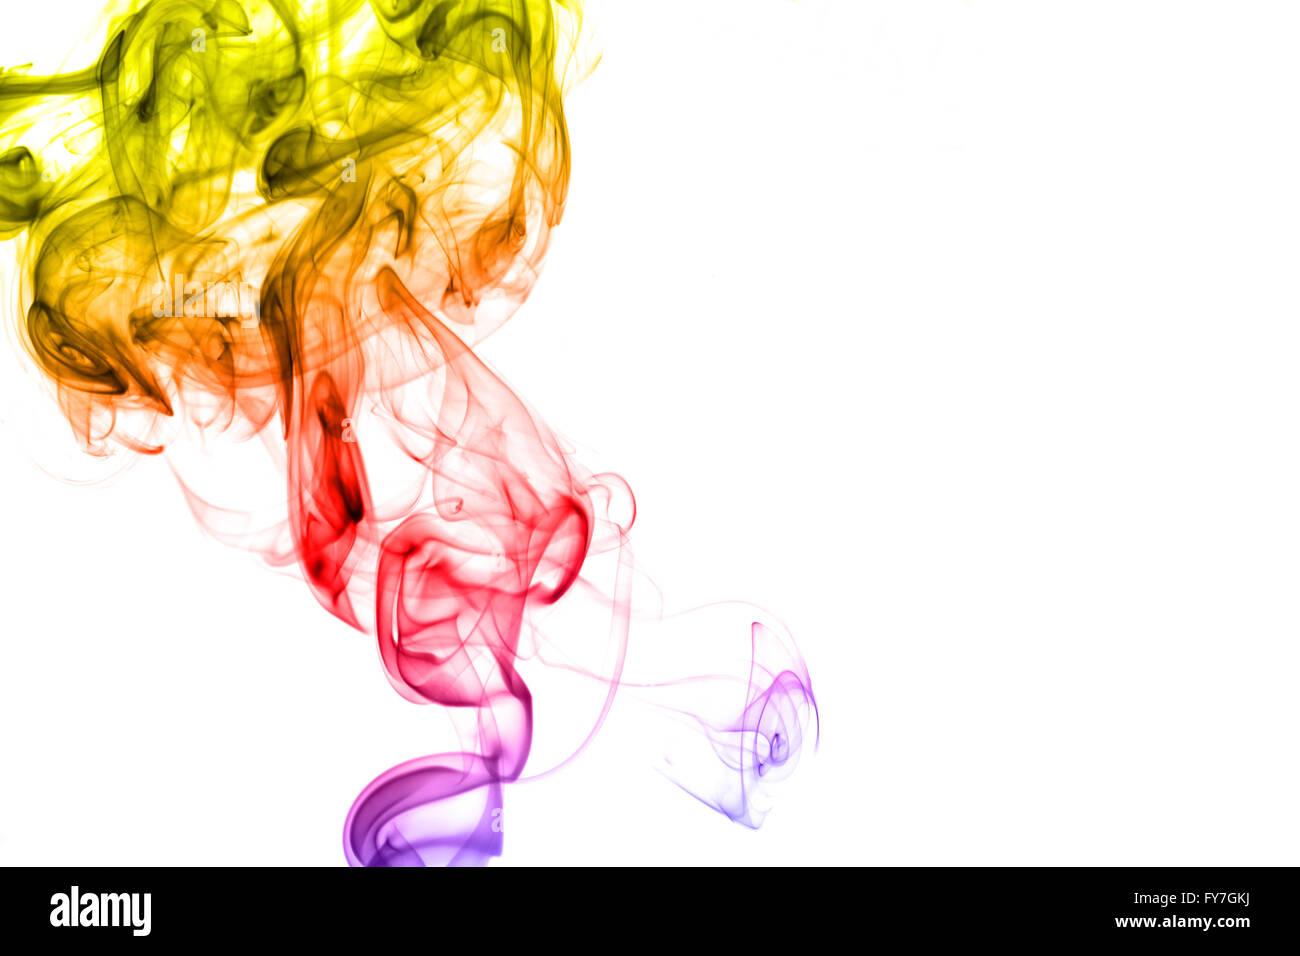 Fumo arcobaleno isolati su sfondo bianco Immagini Stock